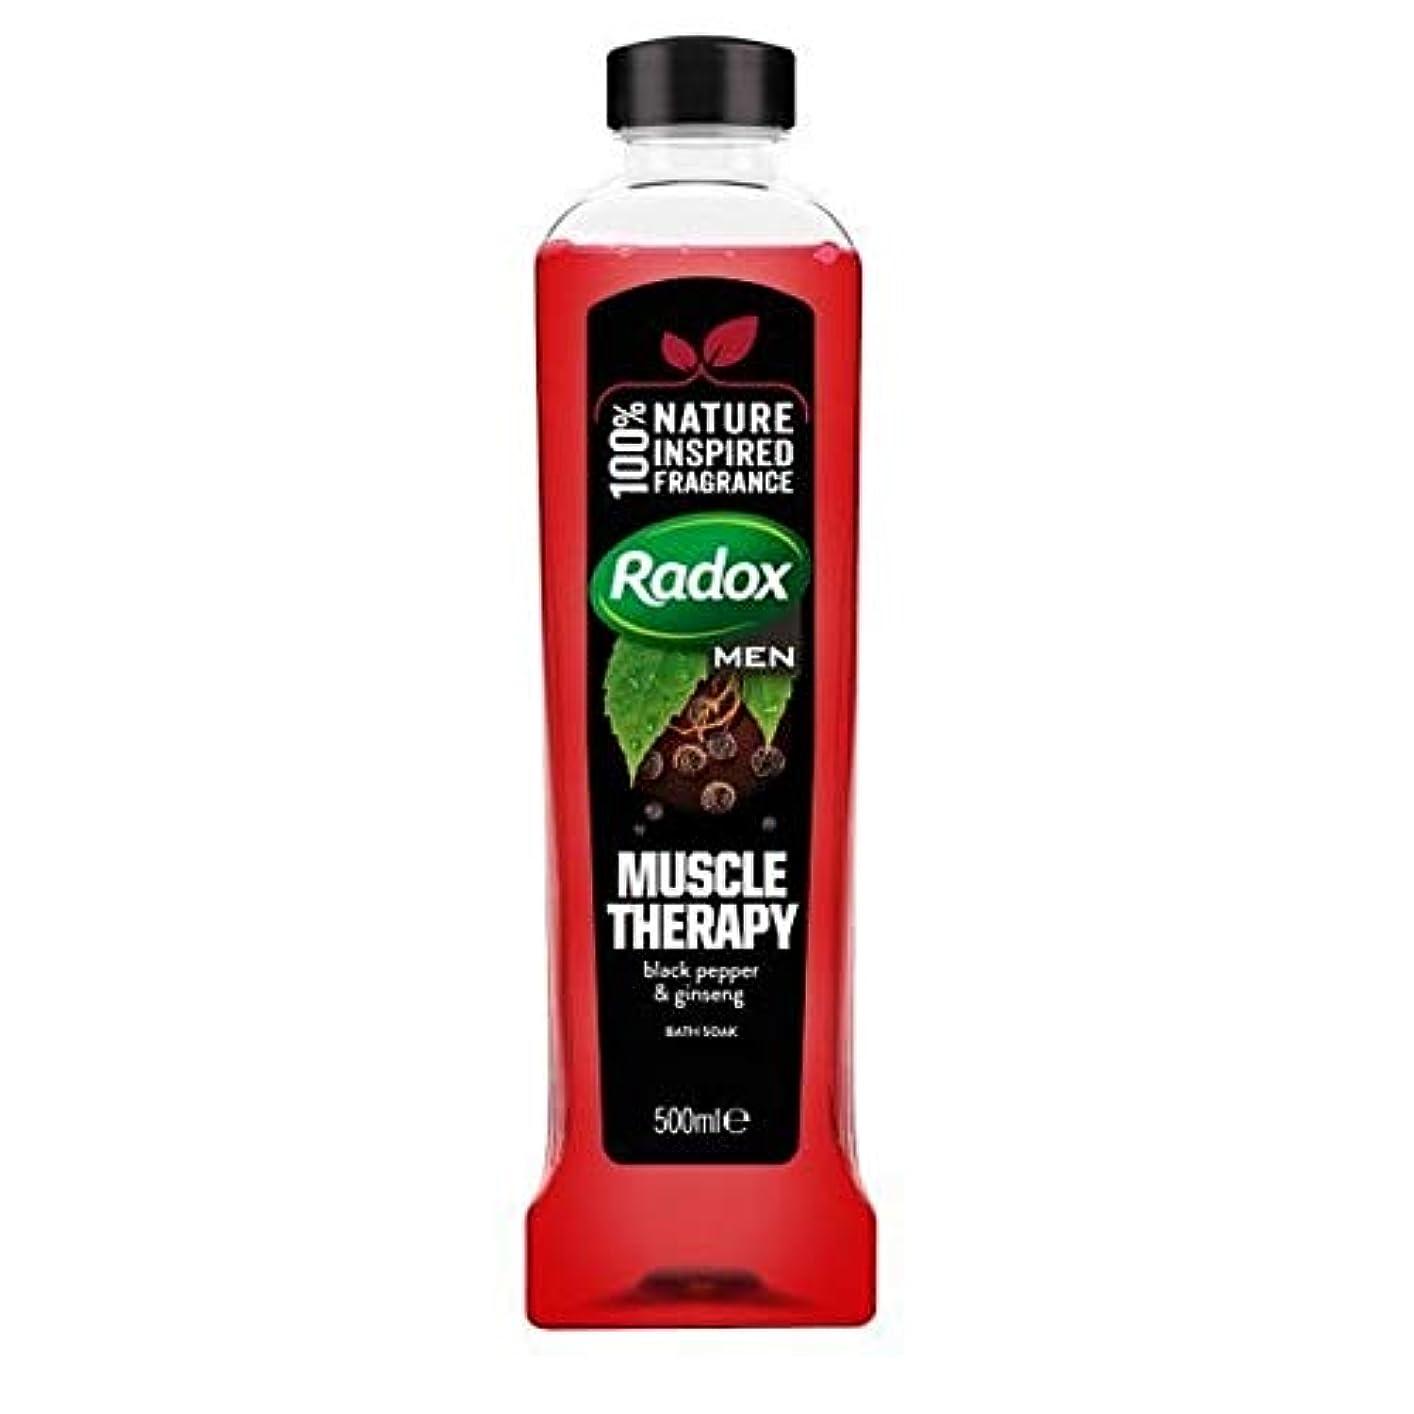 気怠い合理的農村[Radox] Radoxは、500ミリリットルのソーク良い香り筋肉の治療風呂を感じます - Radox Feel Good Fragrance Muscle Therapy Bath Soak 500ml [並行輸入品]